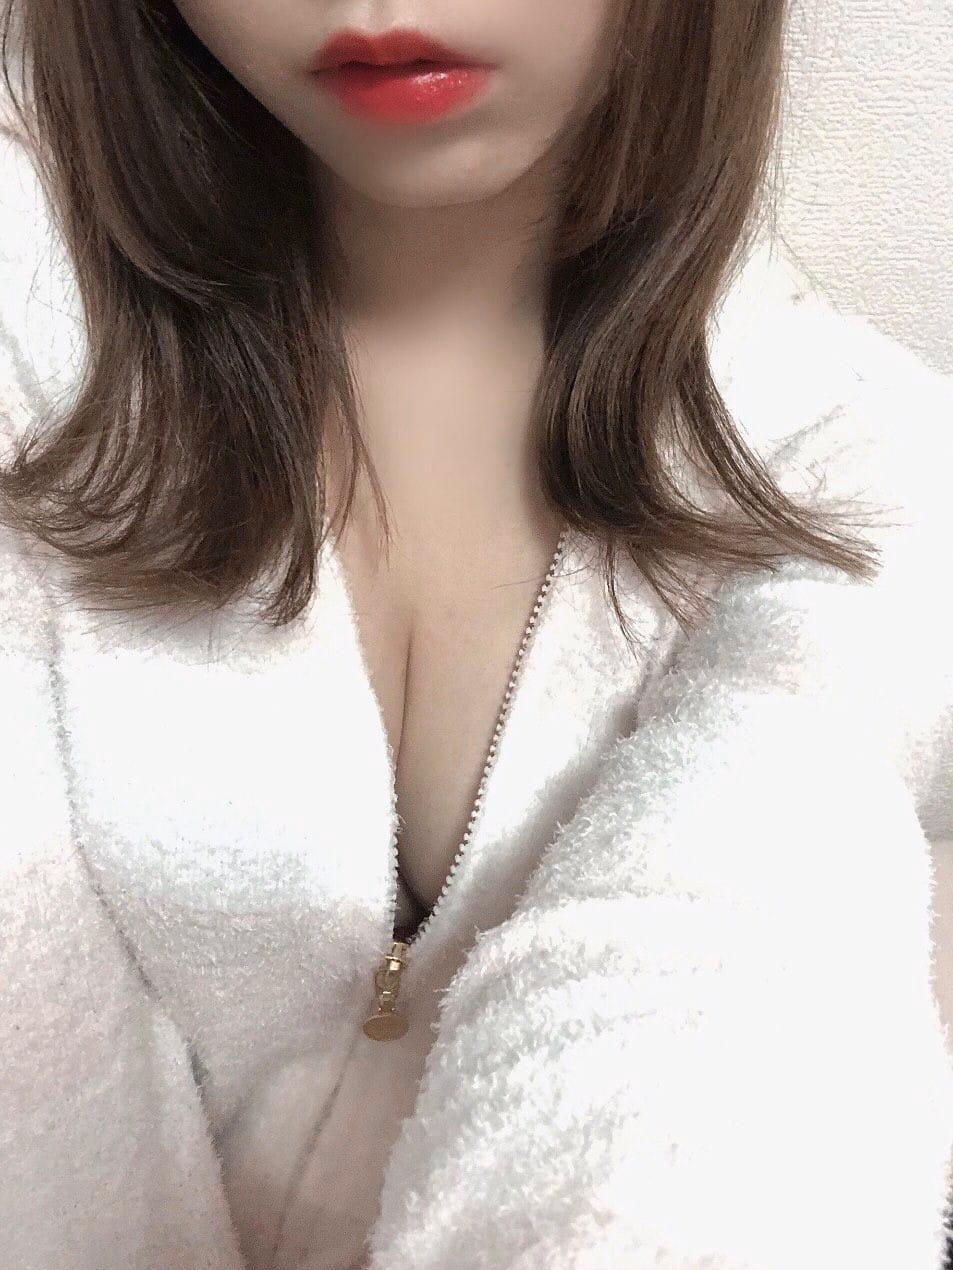 黒崎かりん | BLUE ROSE 中目黒店()